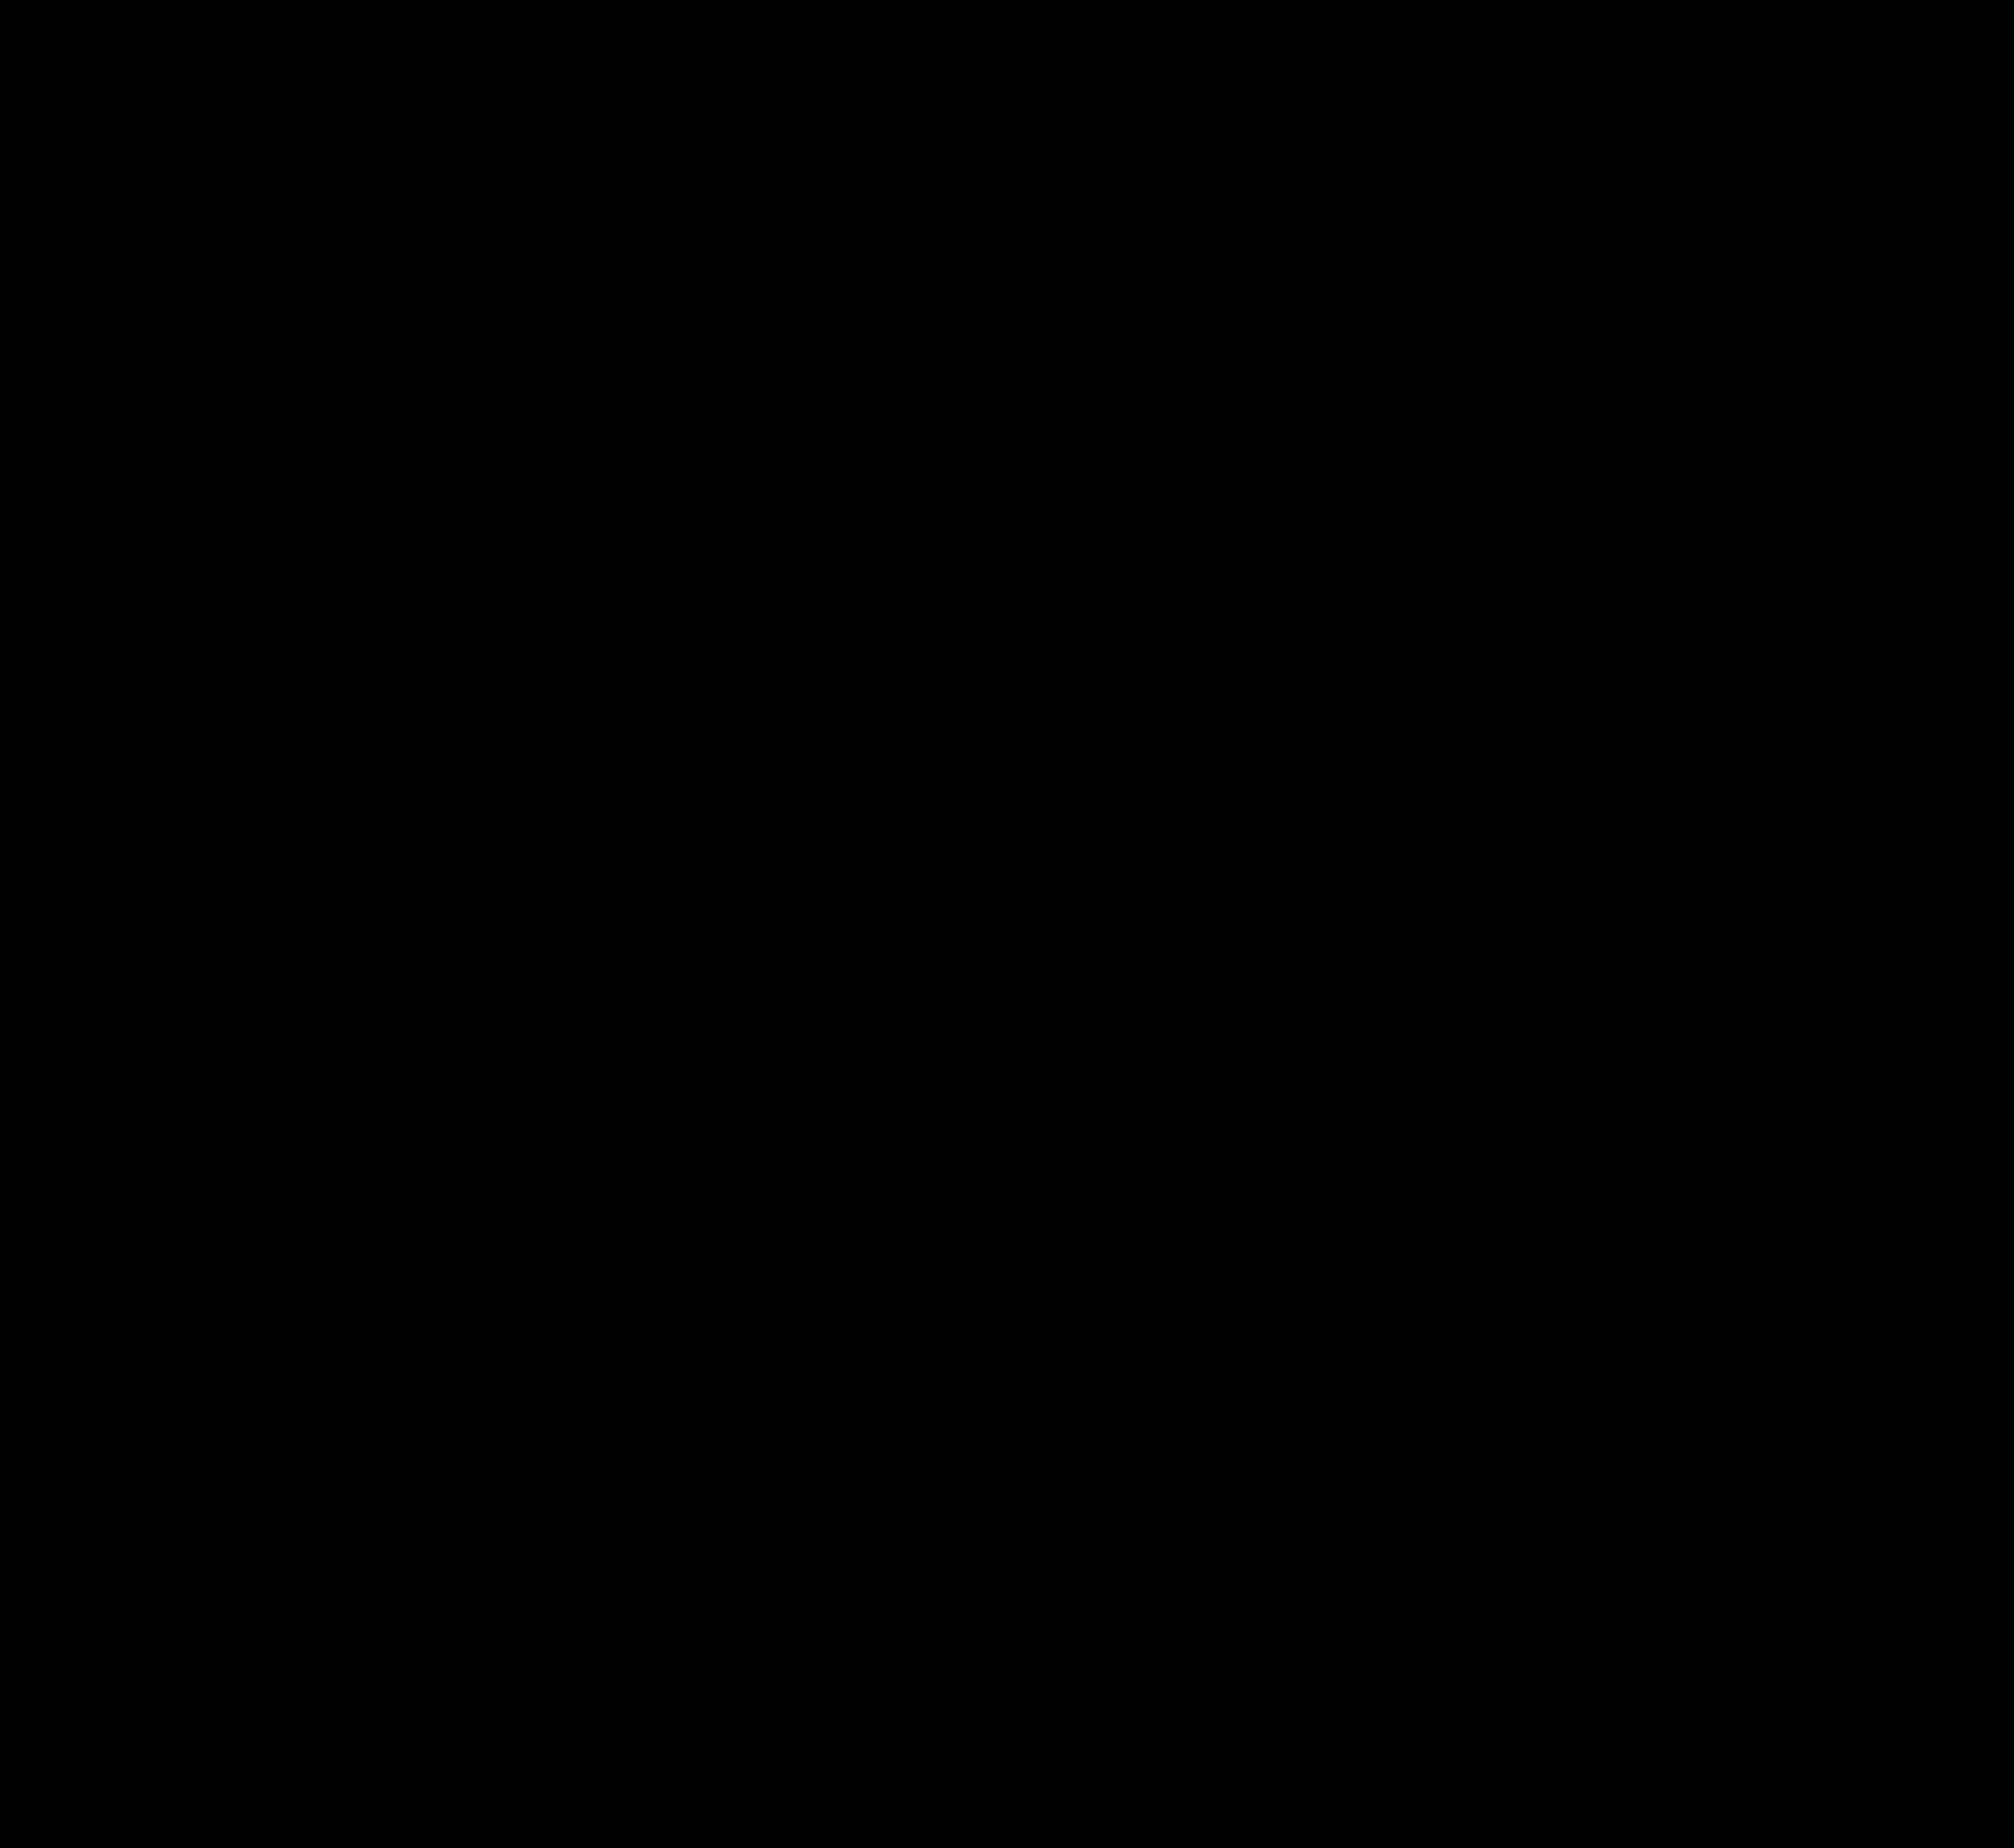 Heart clipart silhouette. Decorative ornamental big image